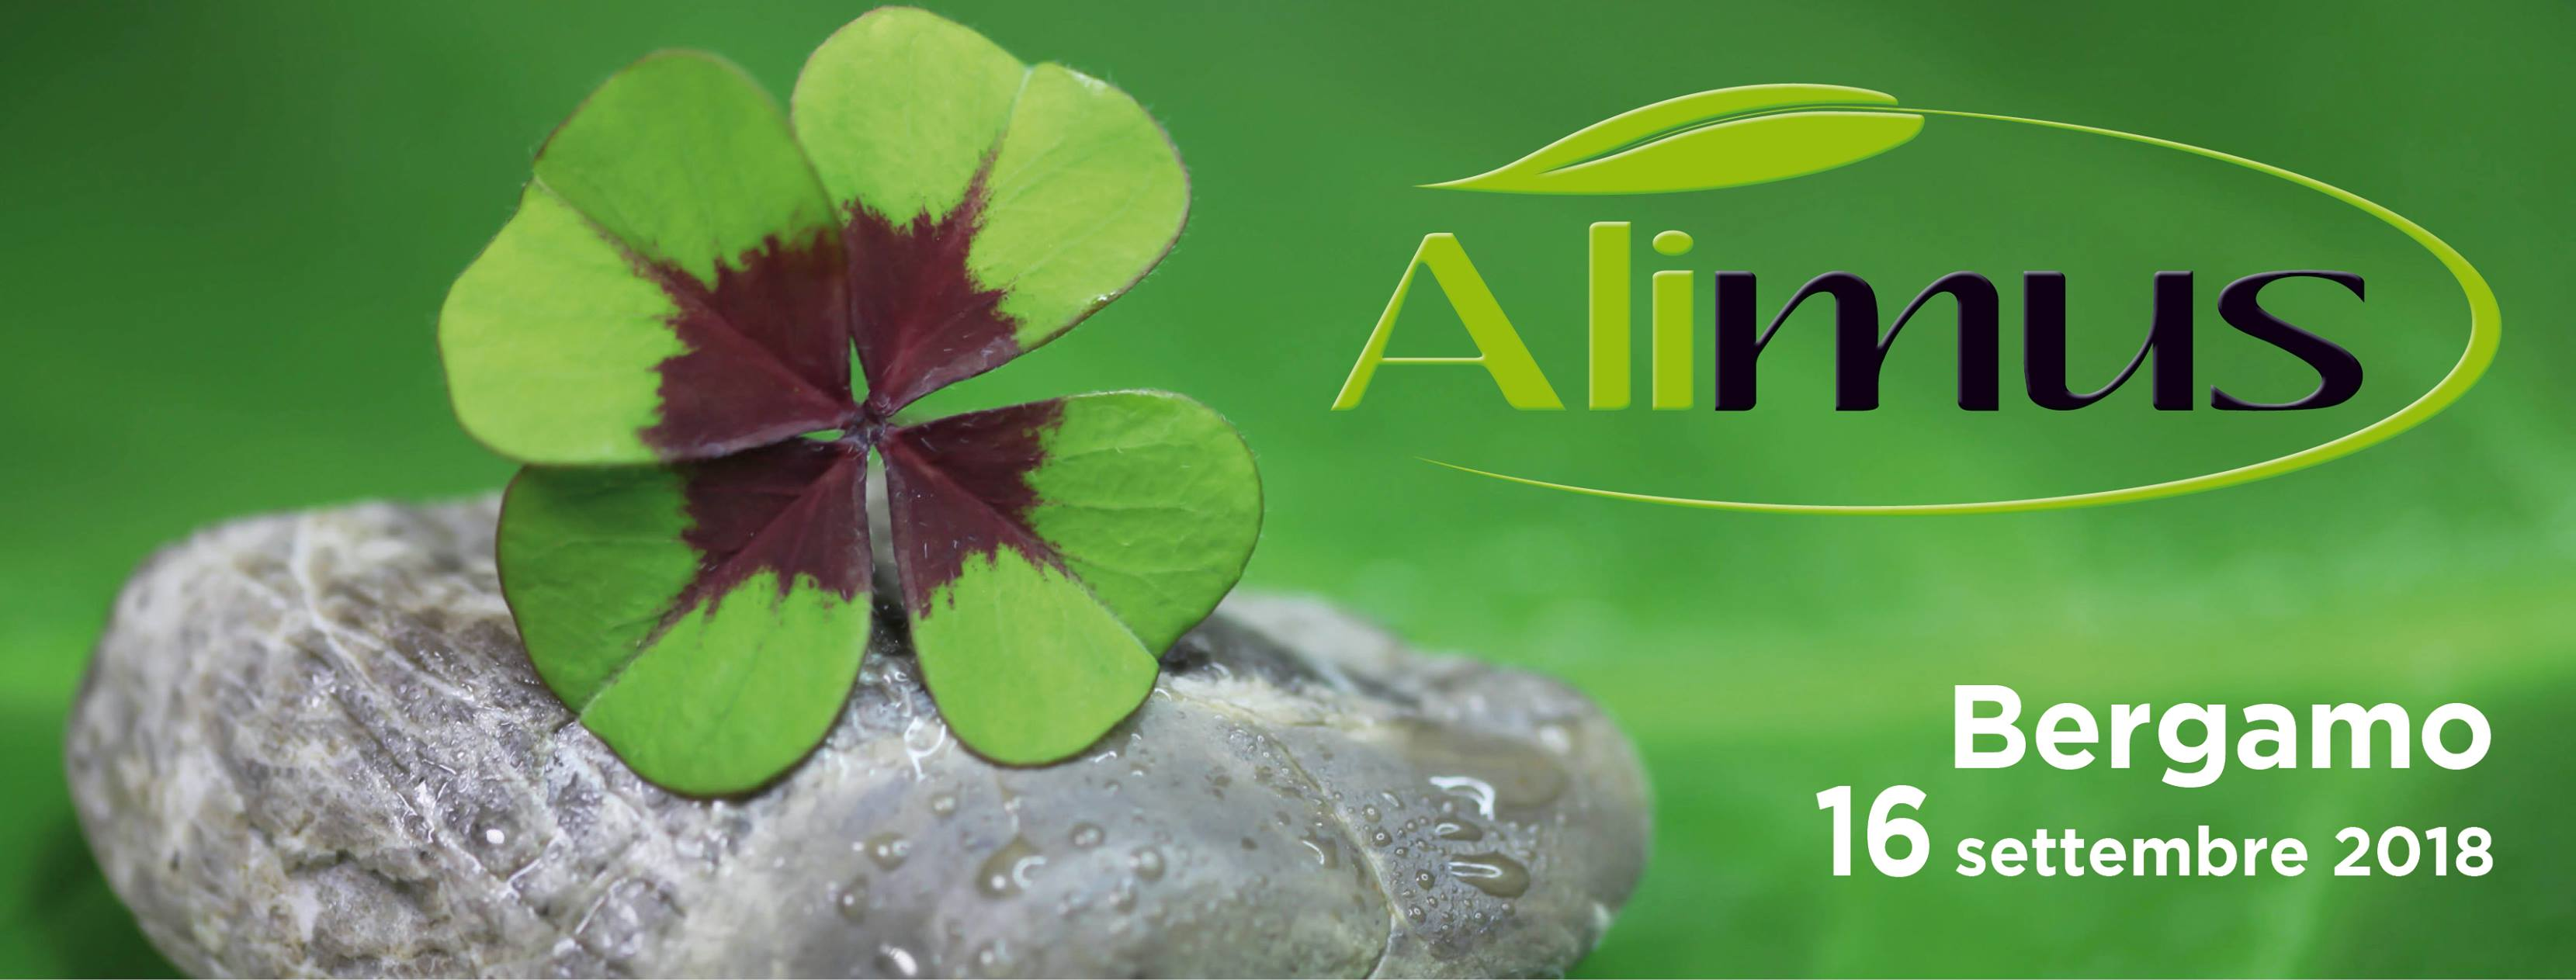 Alimus